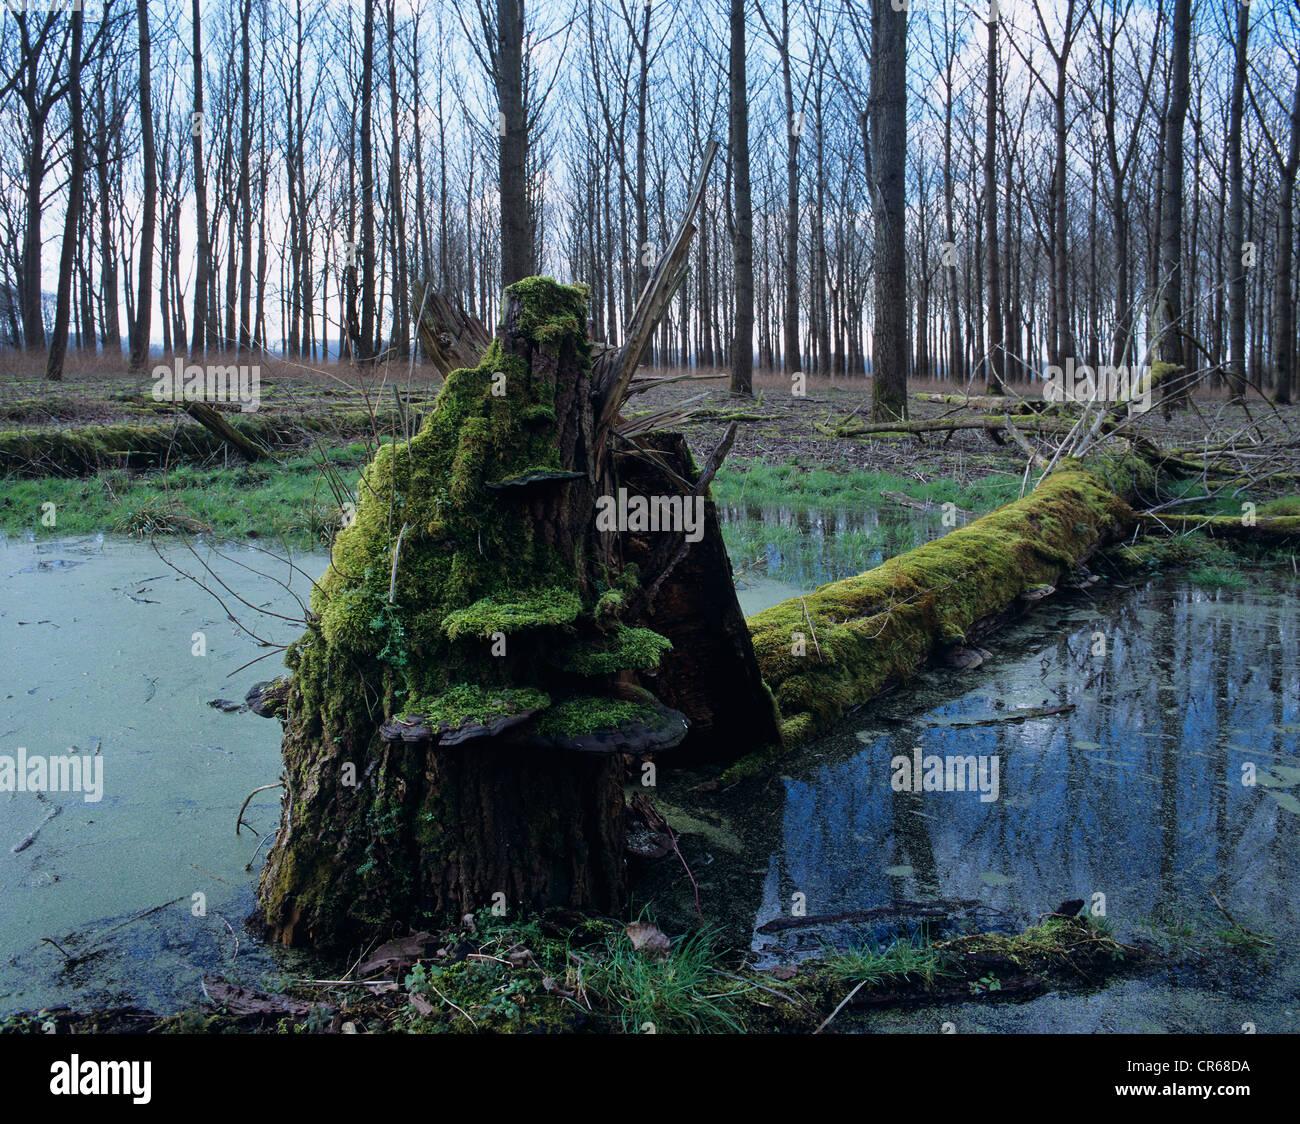 La madera que yacía muerto en un humedal, lenteja de agua (Lemna) en el agua, soporte hongos (Fomitopsis) alrededor Imagen De Stock